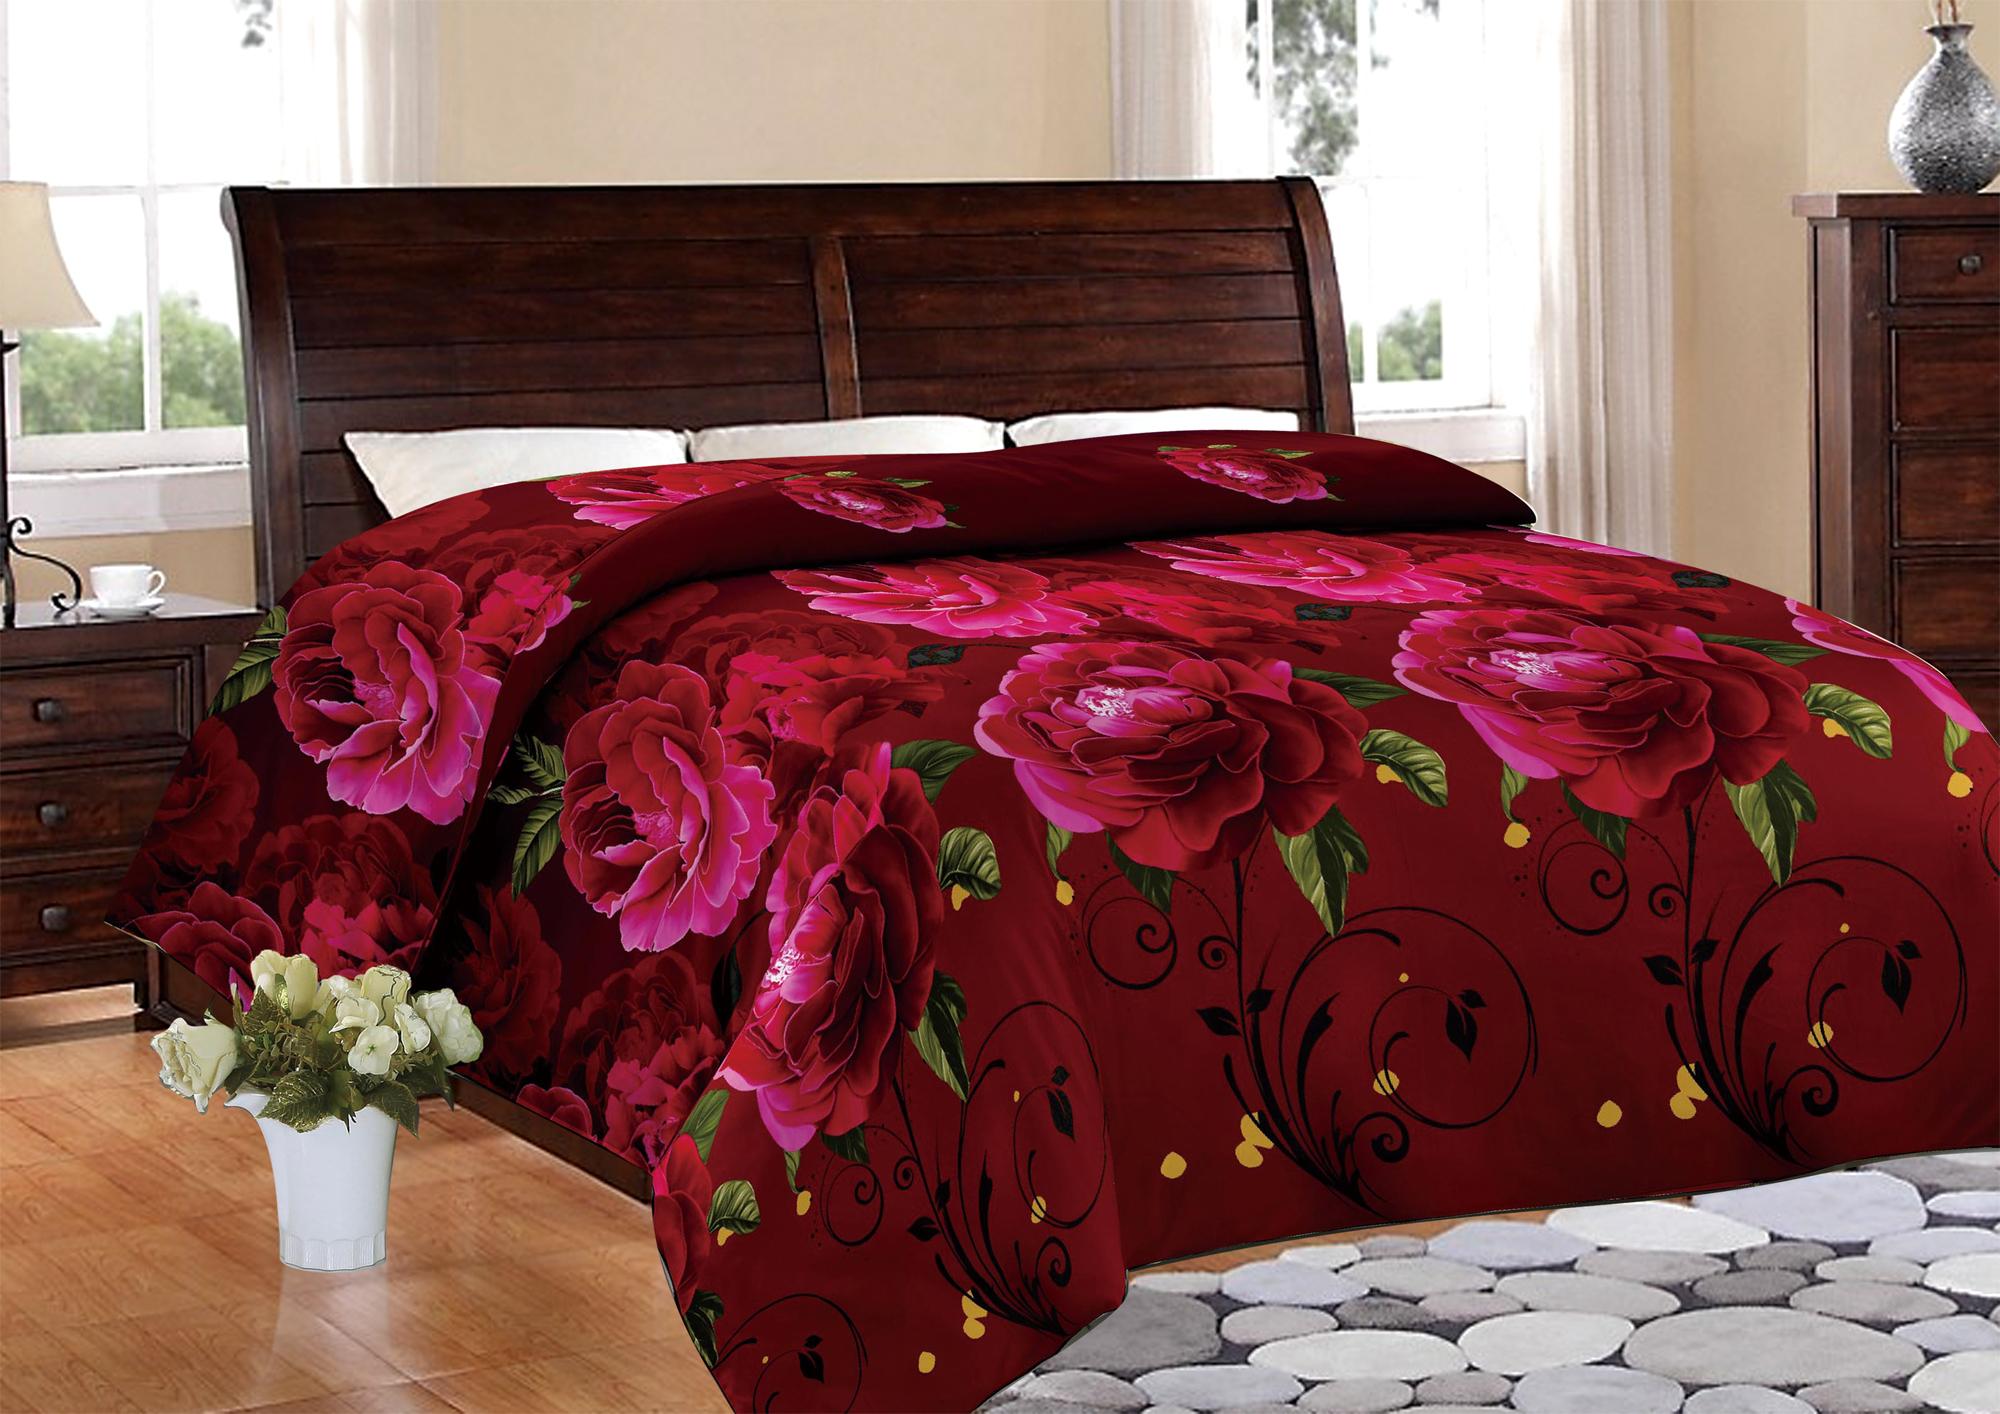 Покрывало Amore Mio Покрывало Shiraz  (200х220 см) mio mirad 800